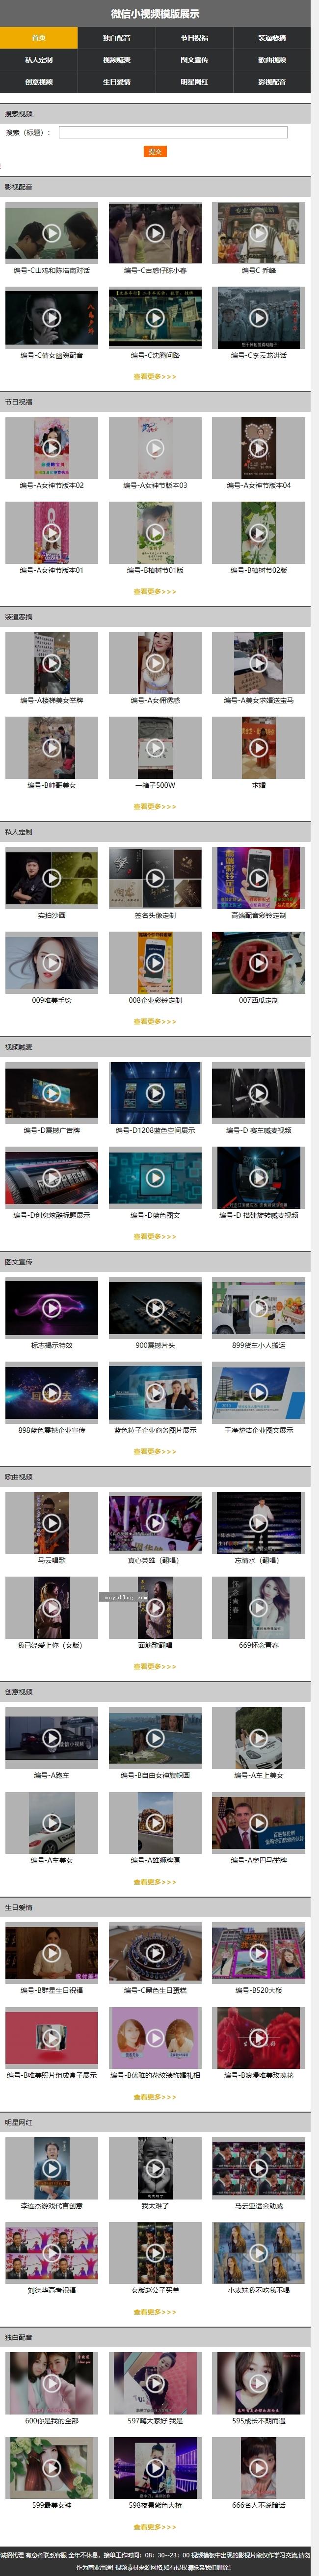 微信小视频播放展示帝国CMS整站模板带1G测试数据